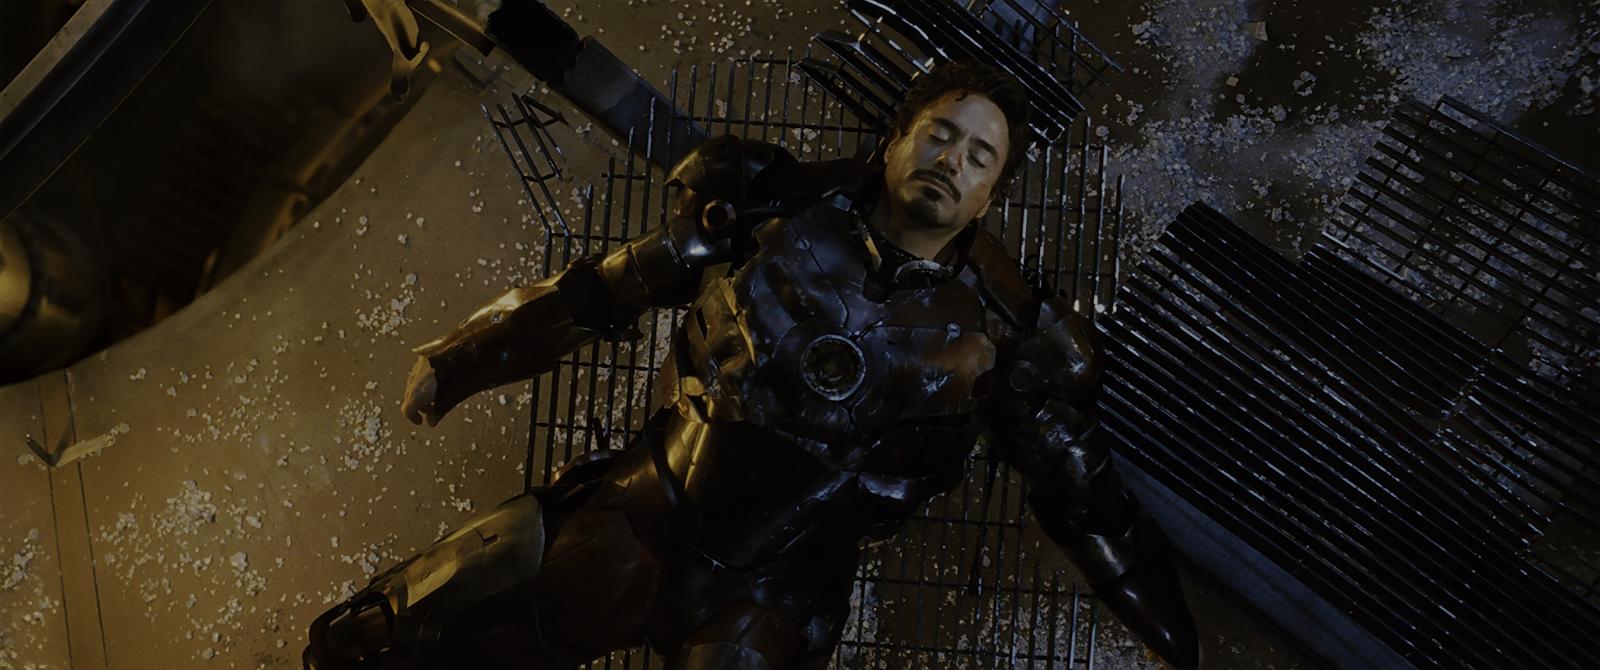 Iron Man: el Hombre de Hierro (2008) 4K UHD [HDR] Latino-Castellano-Ingles captura 4